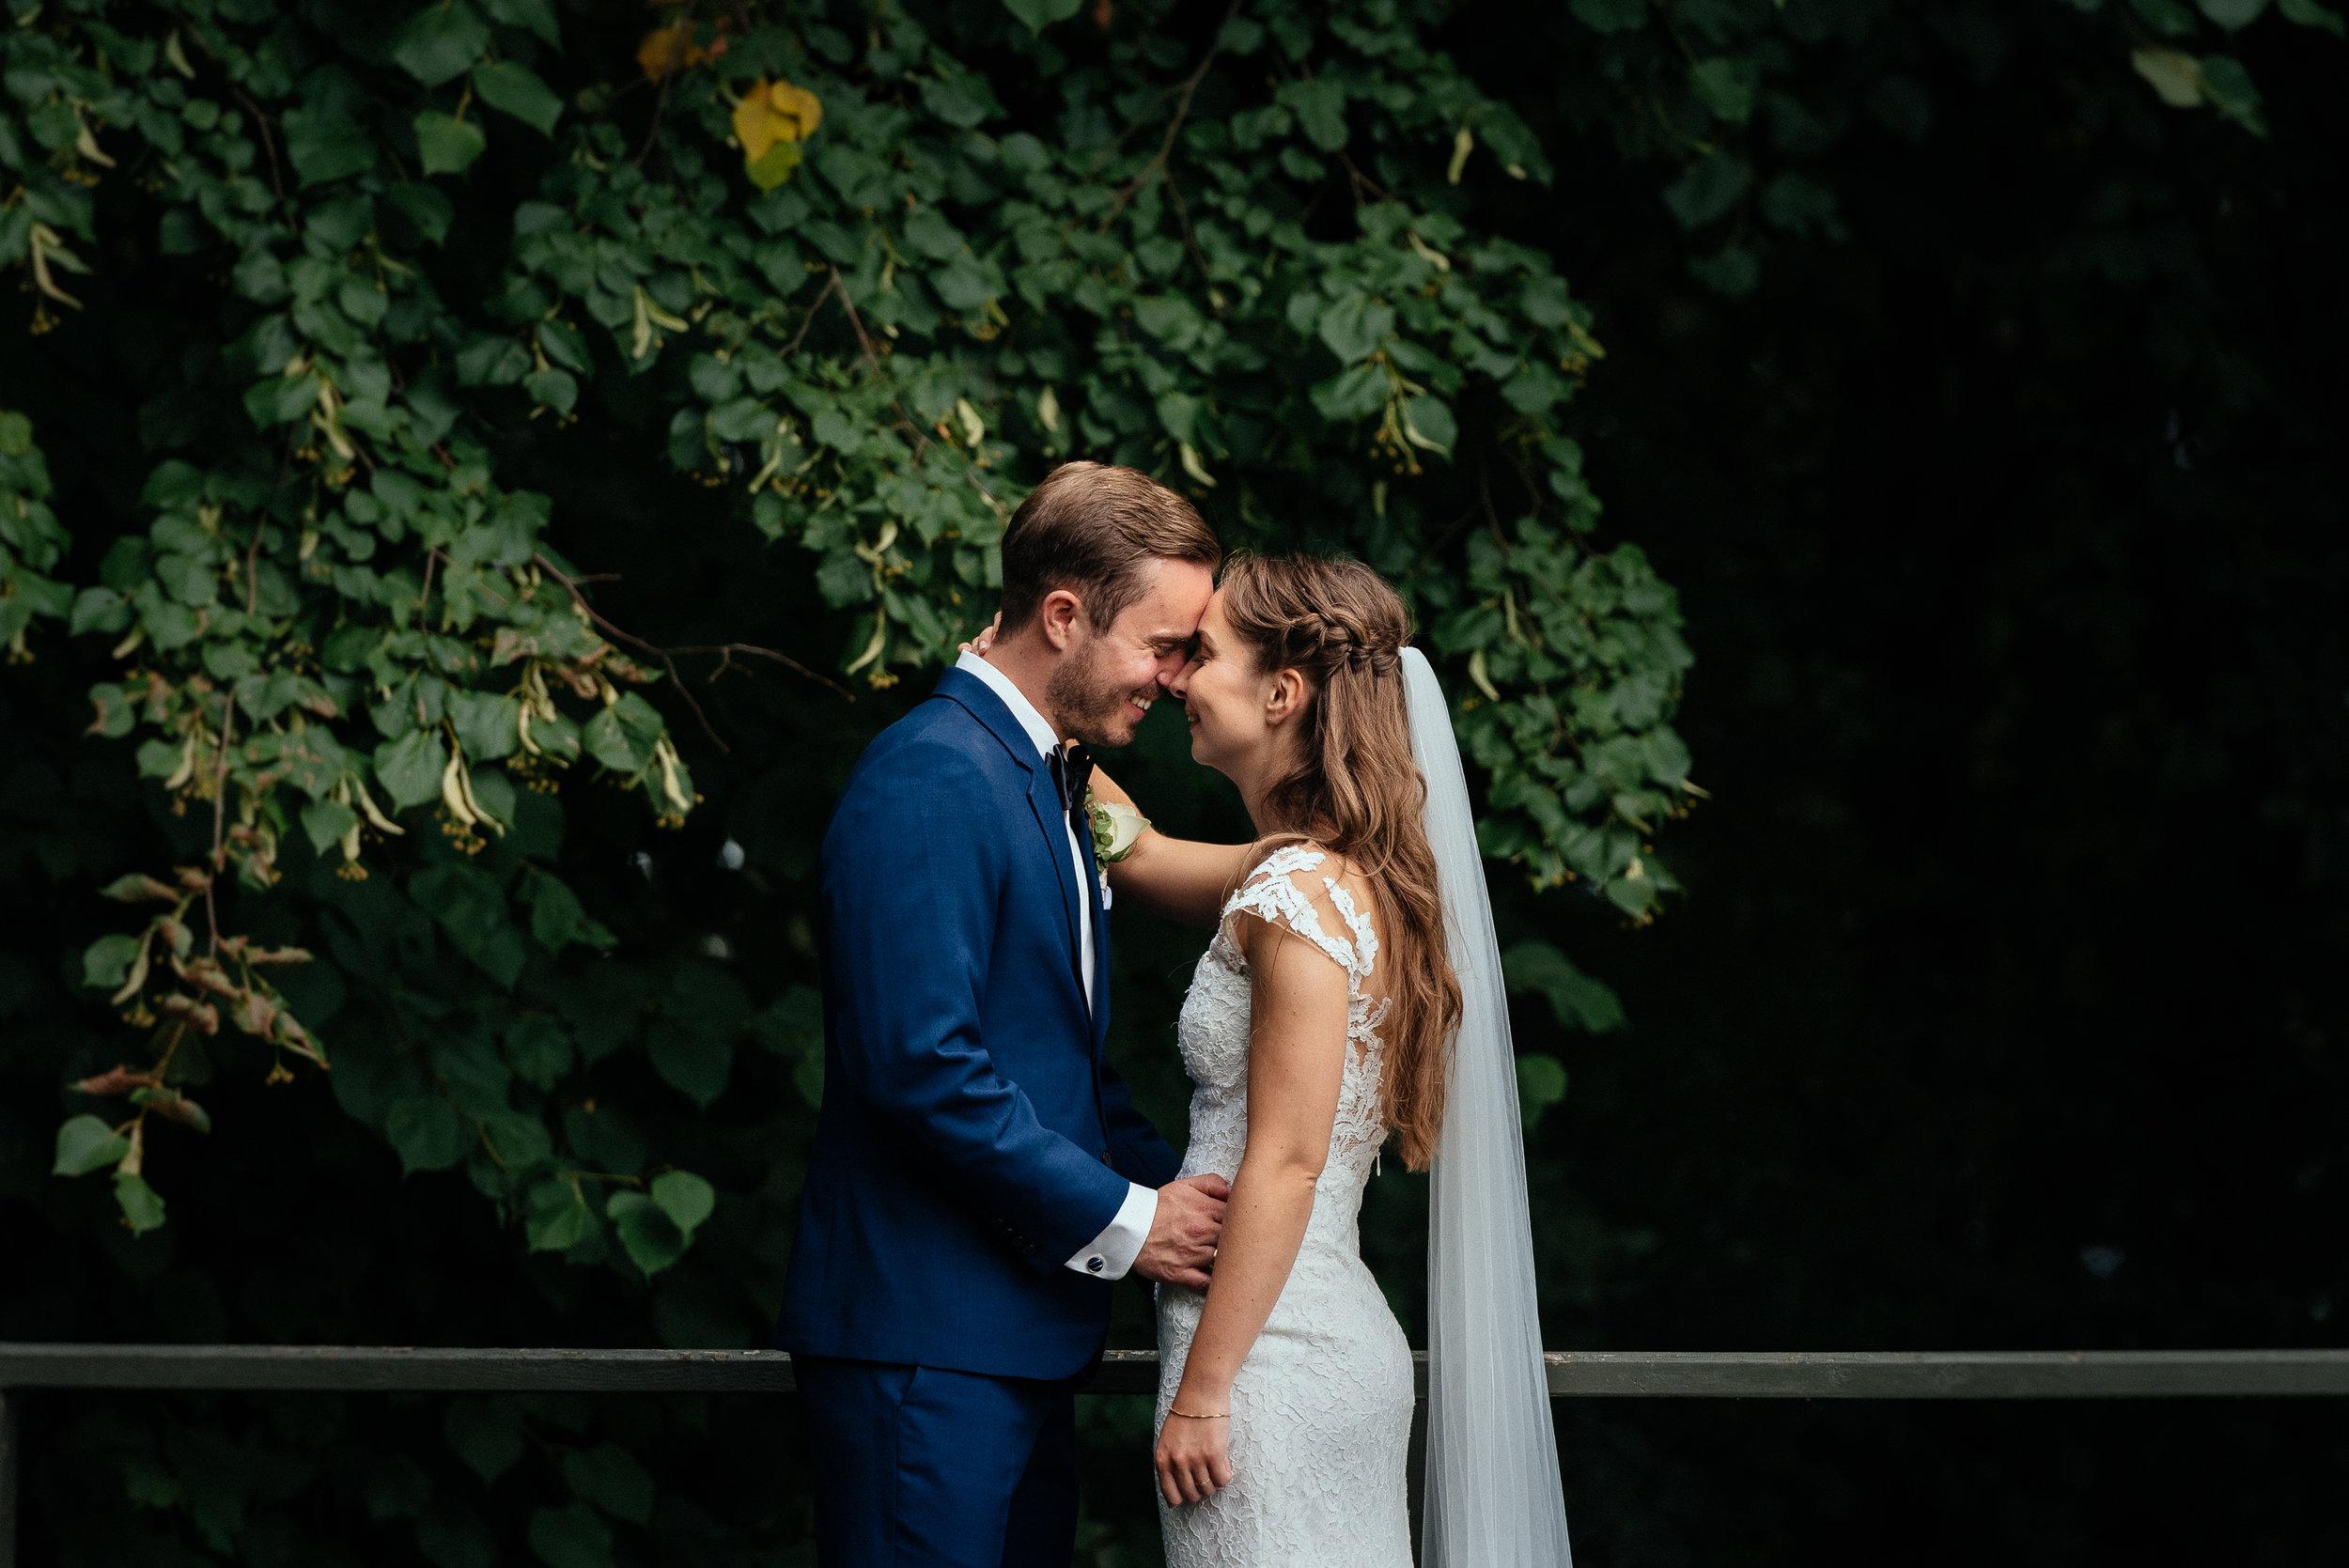 170826_AL_Wedding_0547-1.jpg